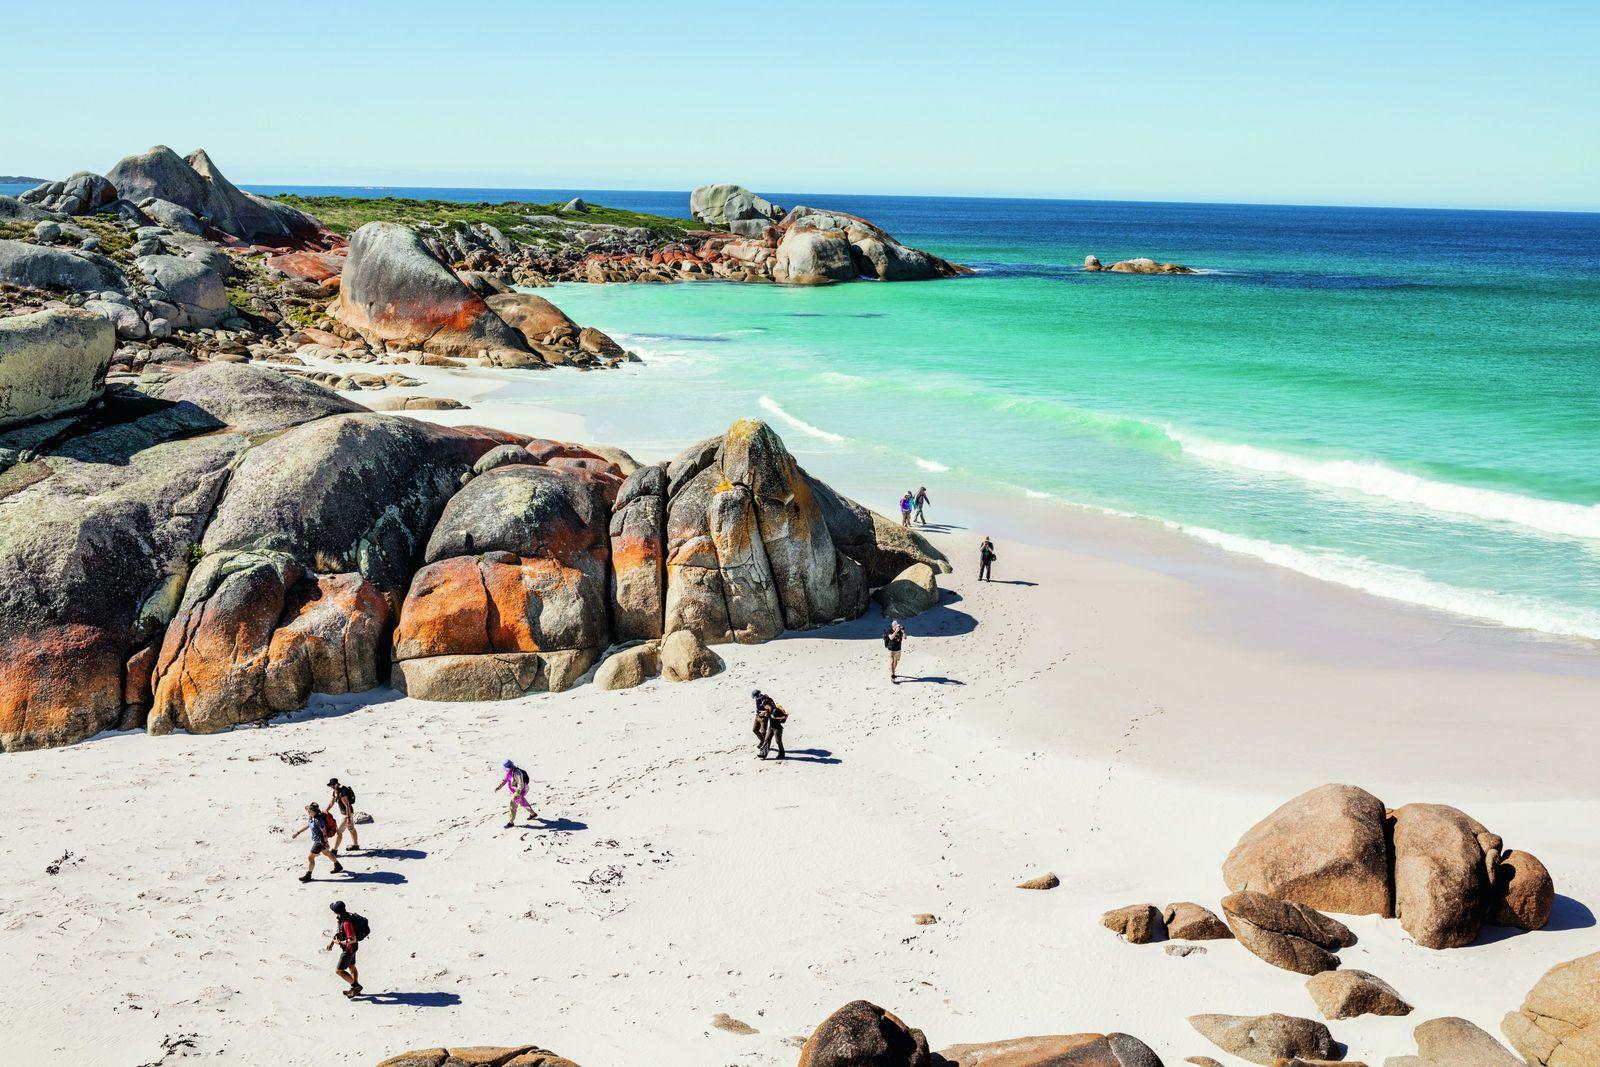 Tasmanie, l'île aux trésors